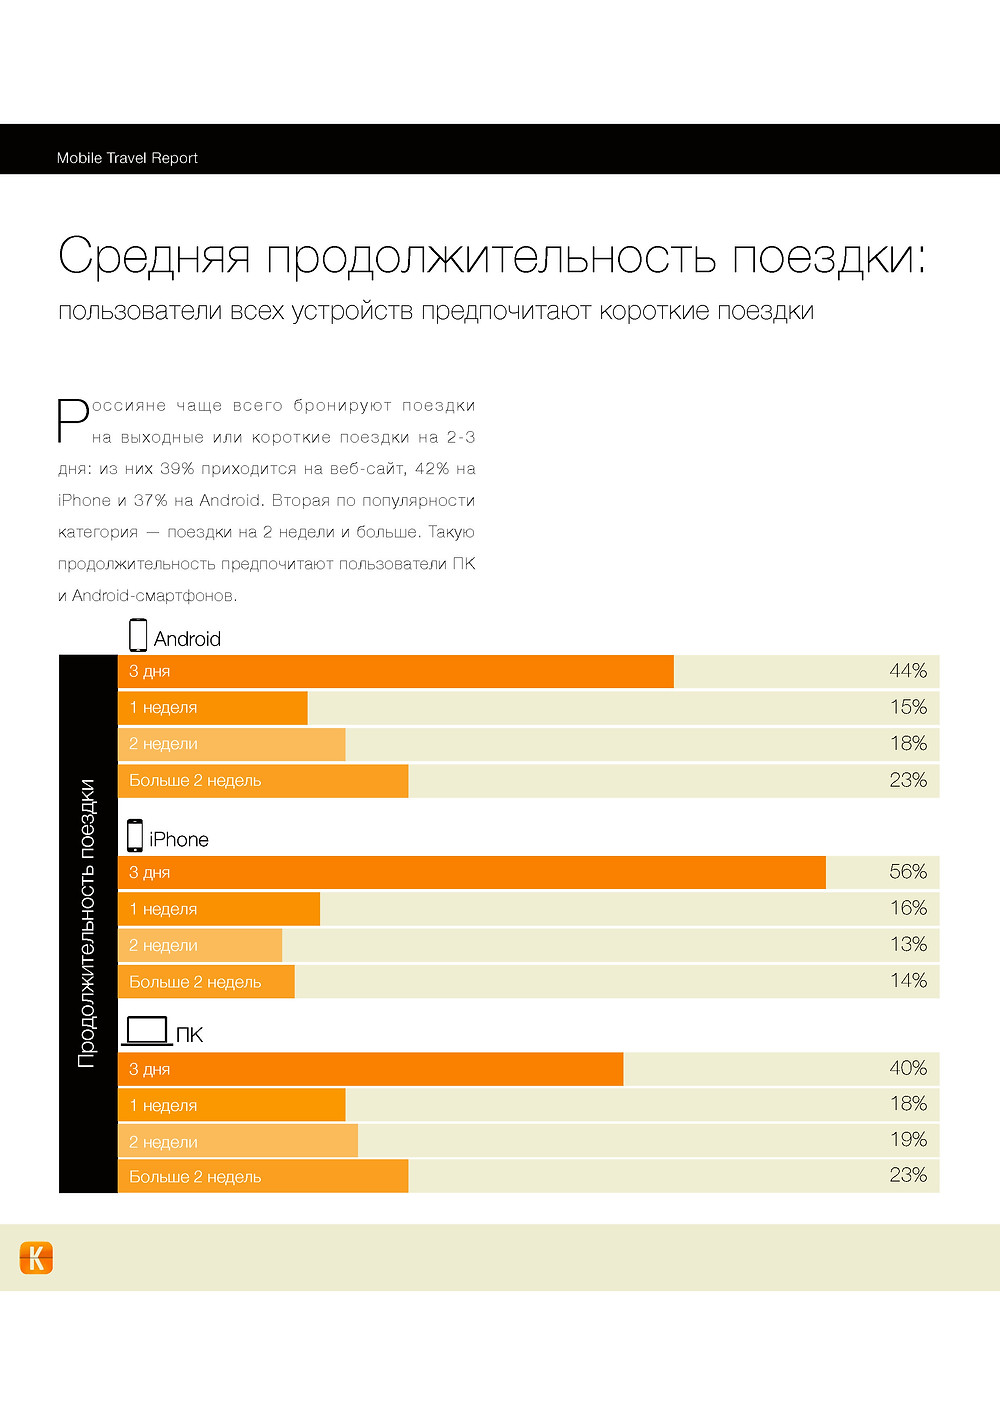 MobileTravelReport_Инфографика-20.jpg